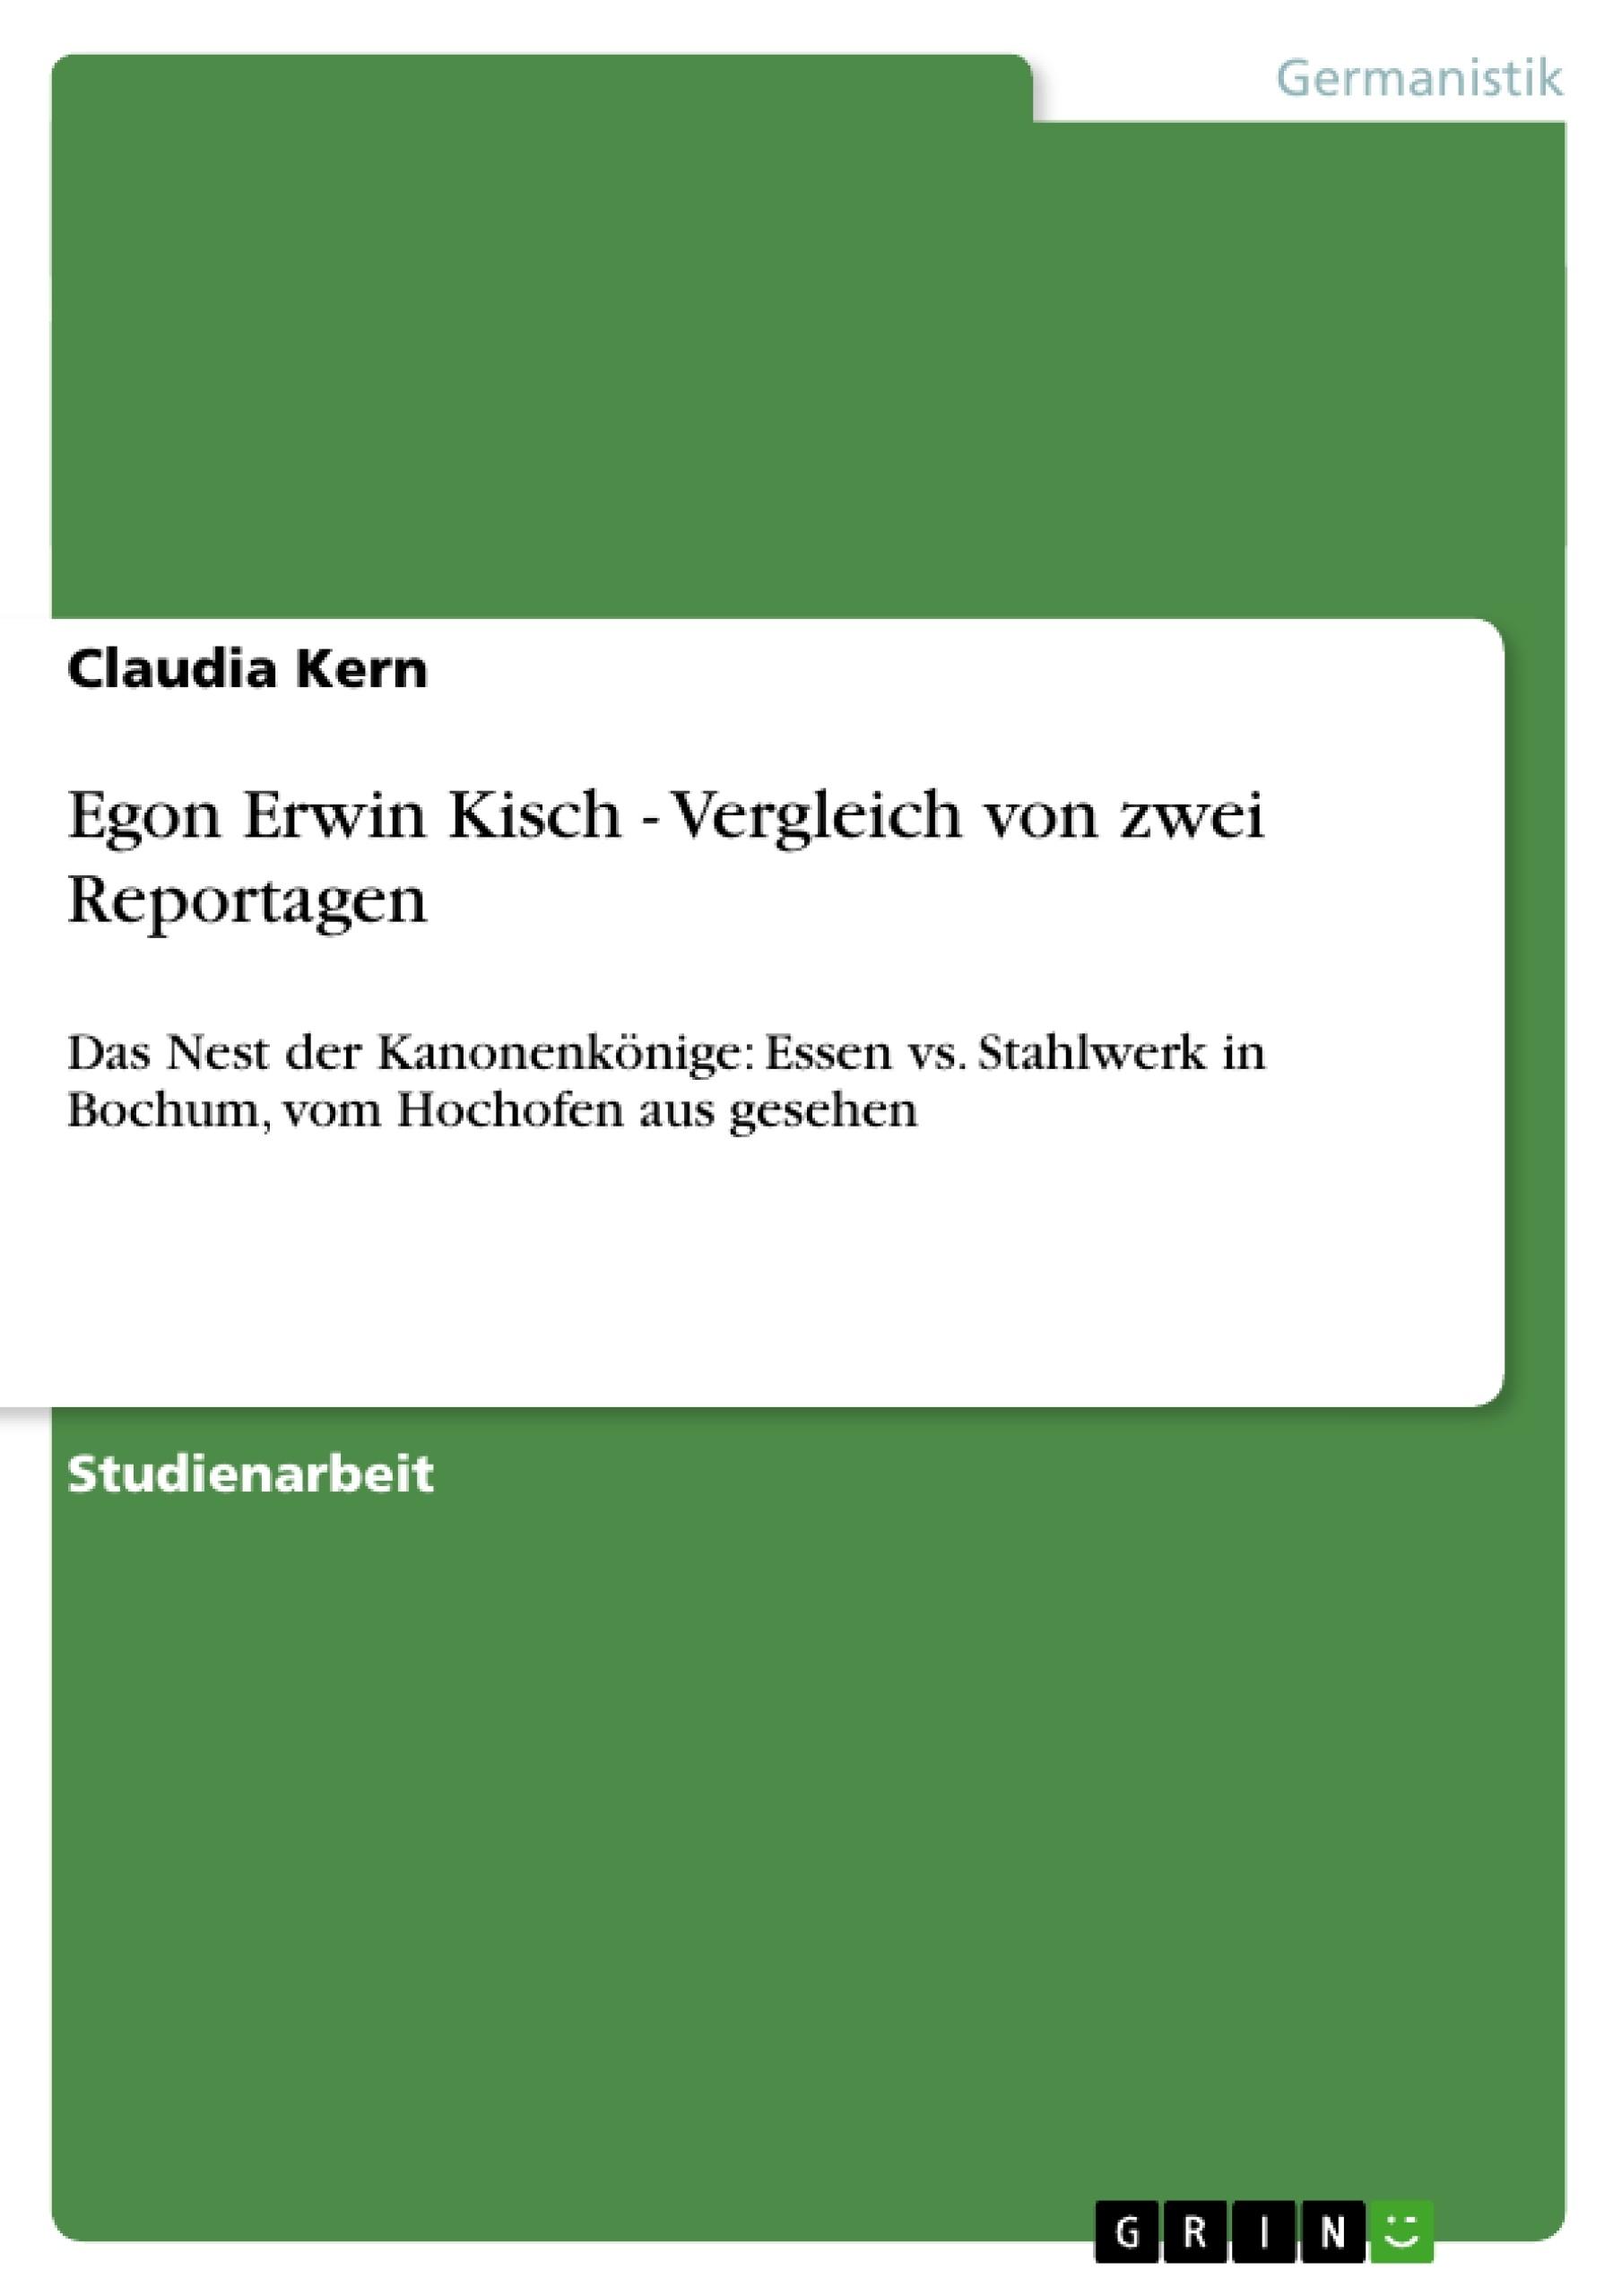 Titel: Egon Erwin Kisch - Vergleich von zwei Reportagen